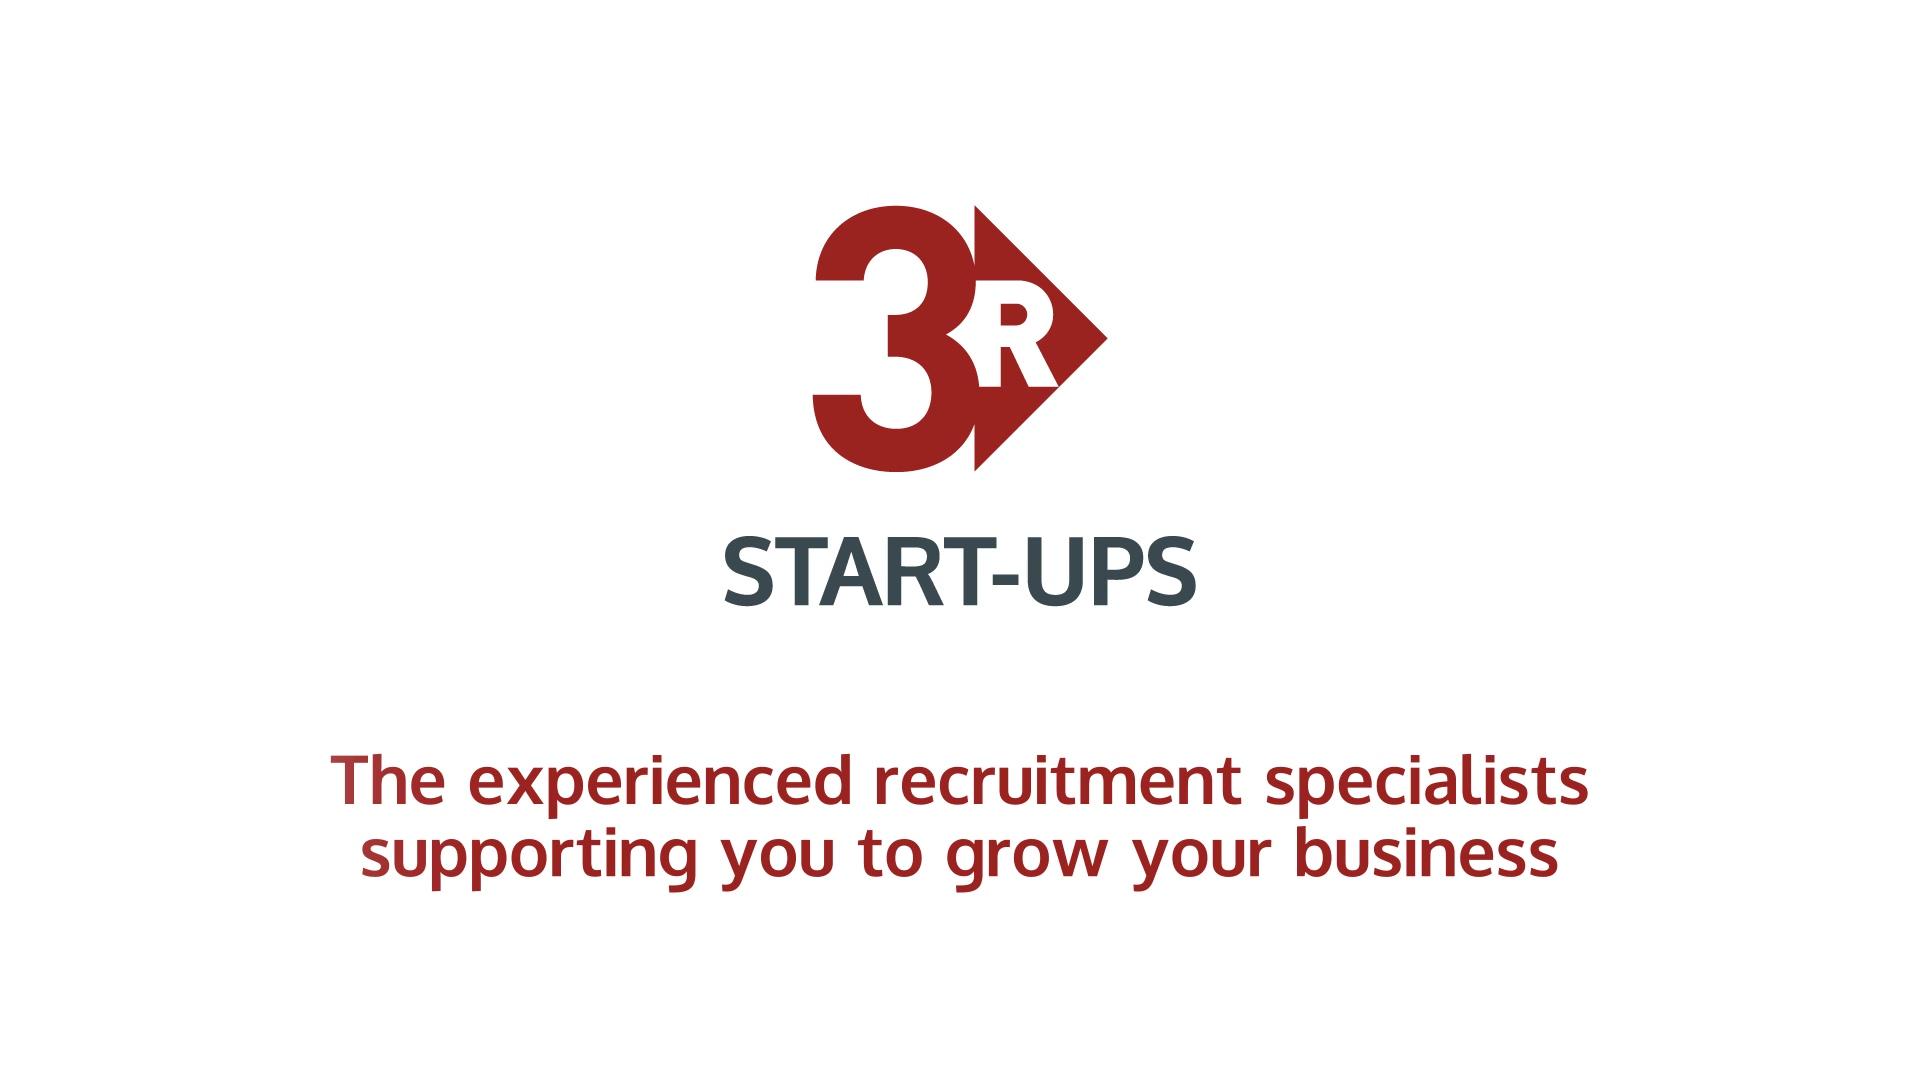 3R-Start-Ups-Explainer